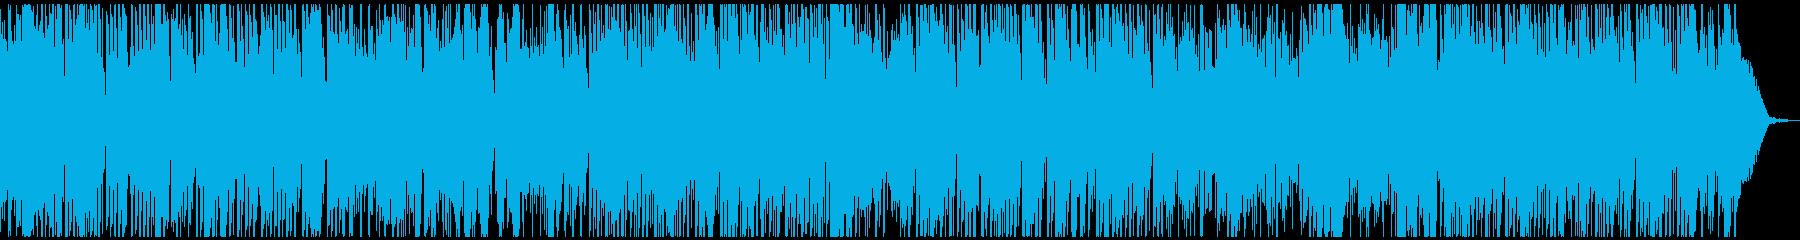 かわいい童謡「春の小川」生楽器ボサノバの再生済みの波形